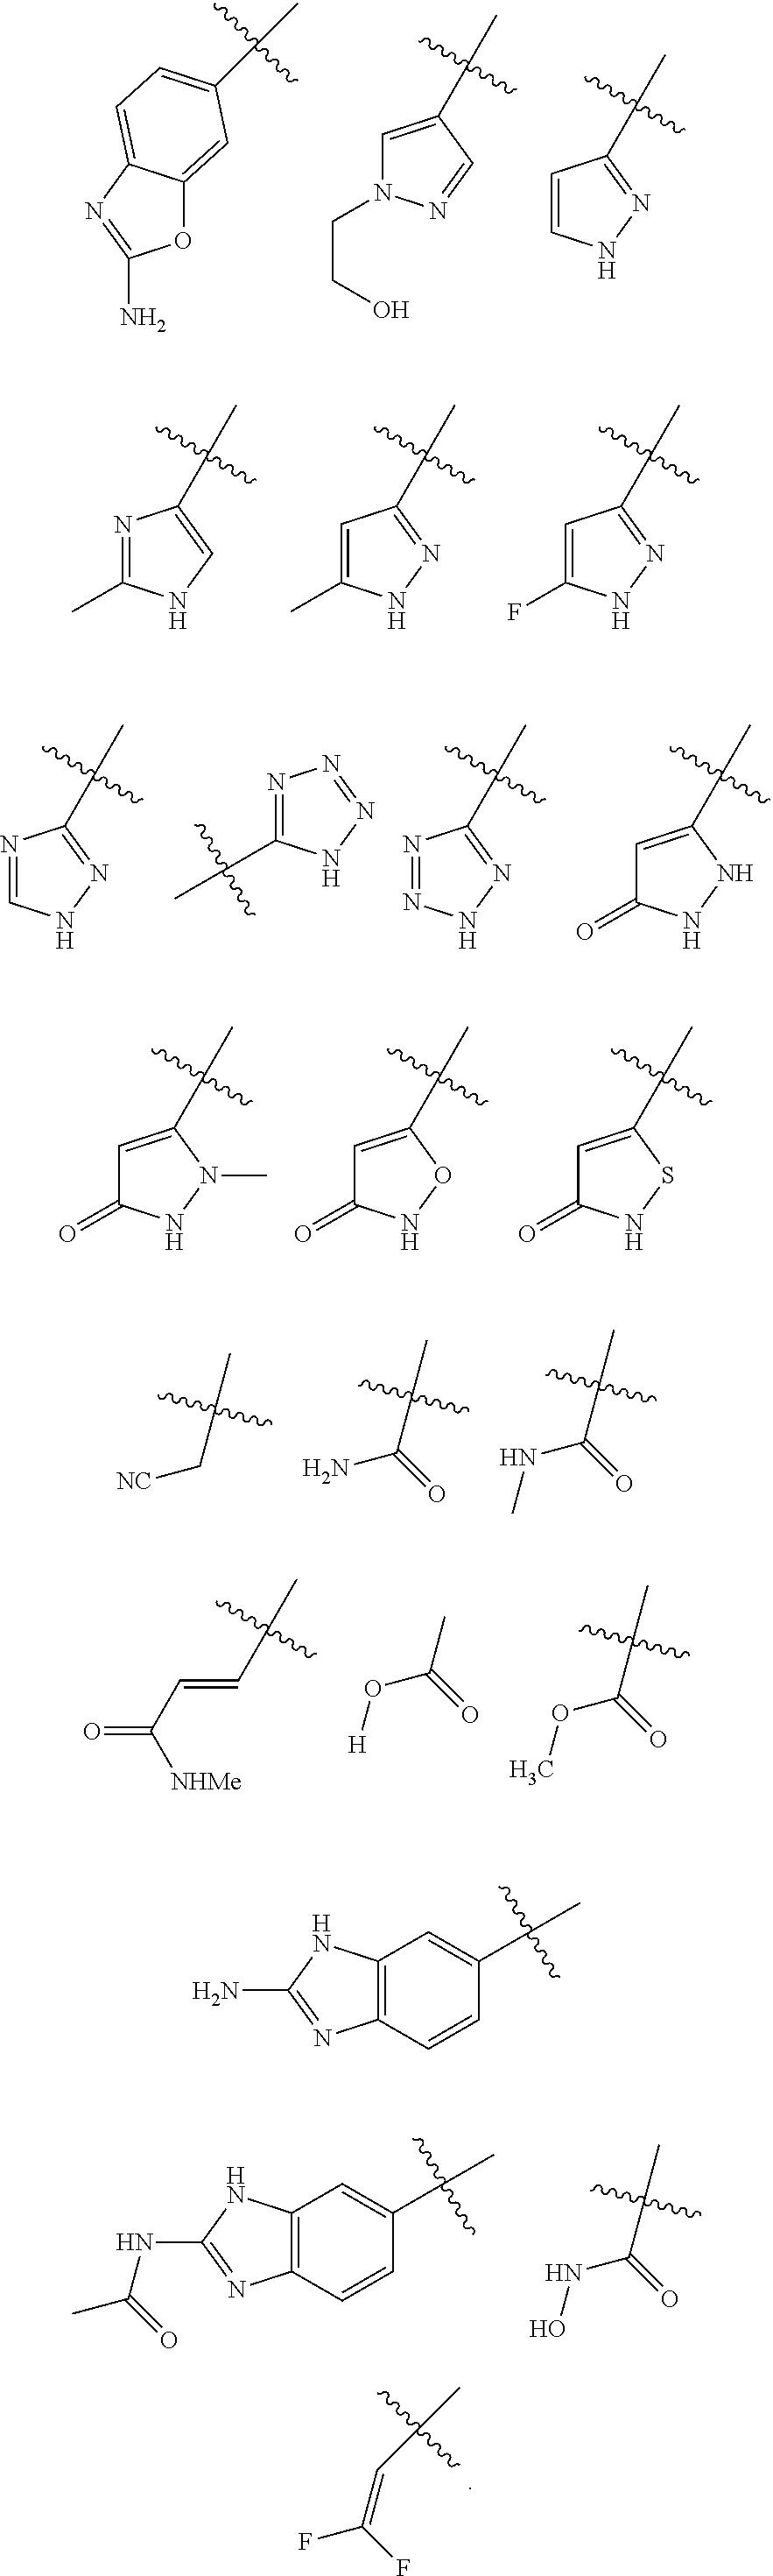 Figure US20110046165A1-20110224-C00045